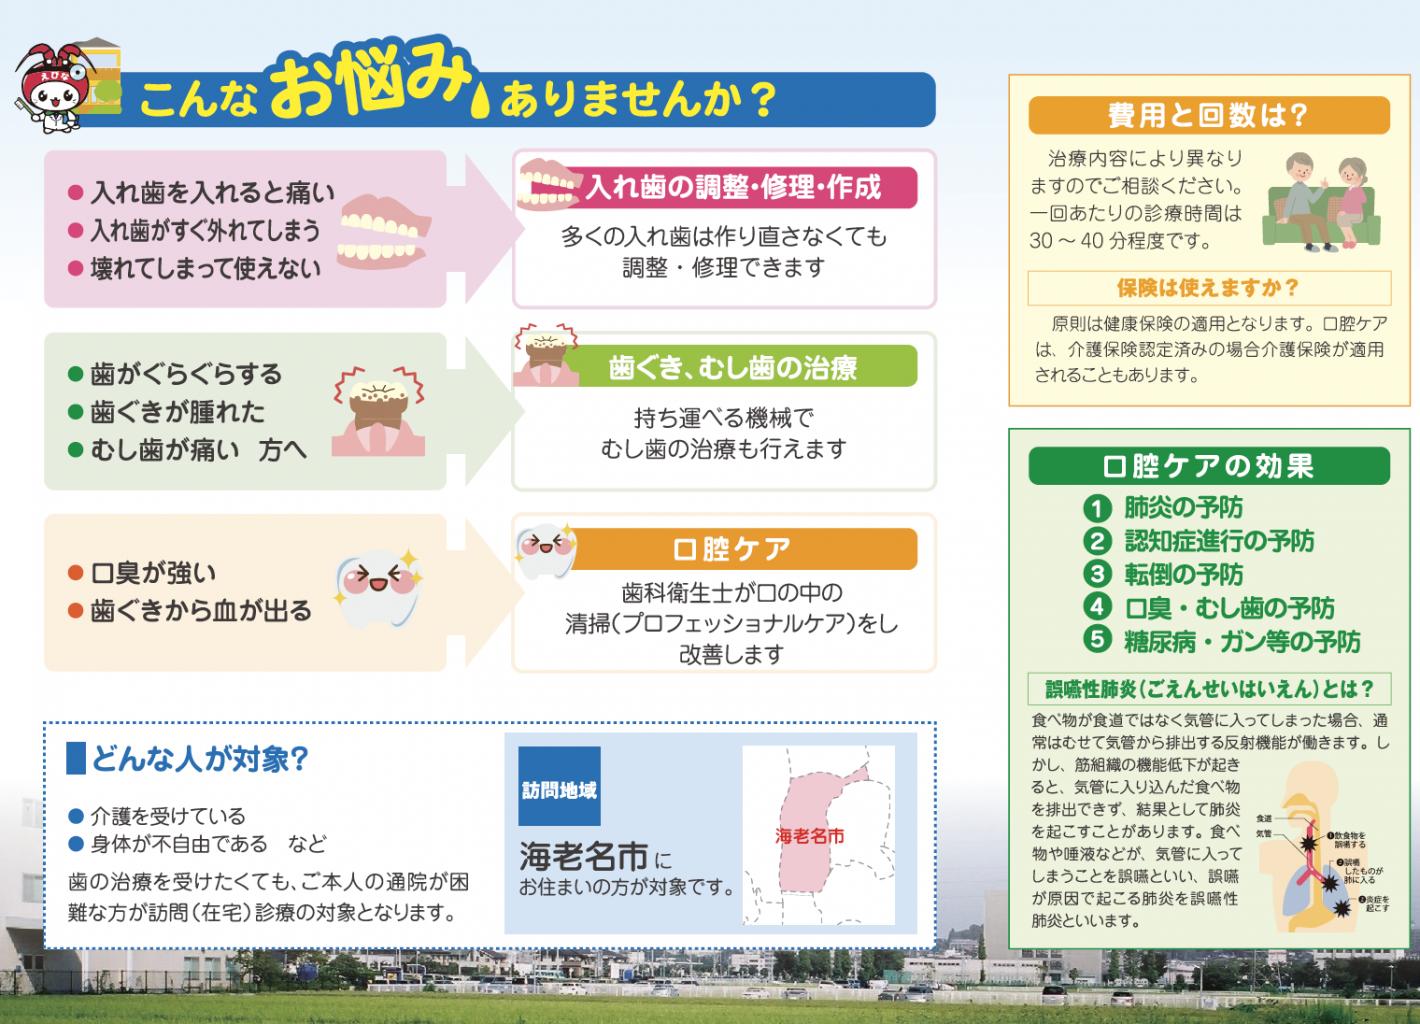 障がい者歯科診療/訪問歯科診療